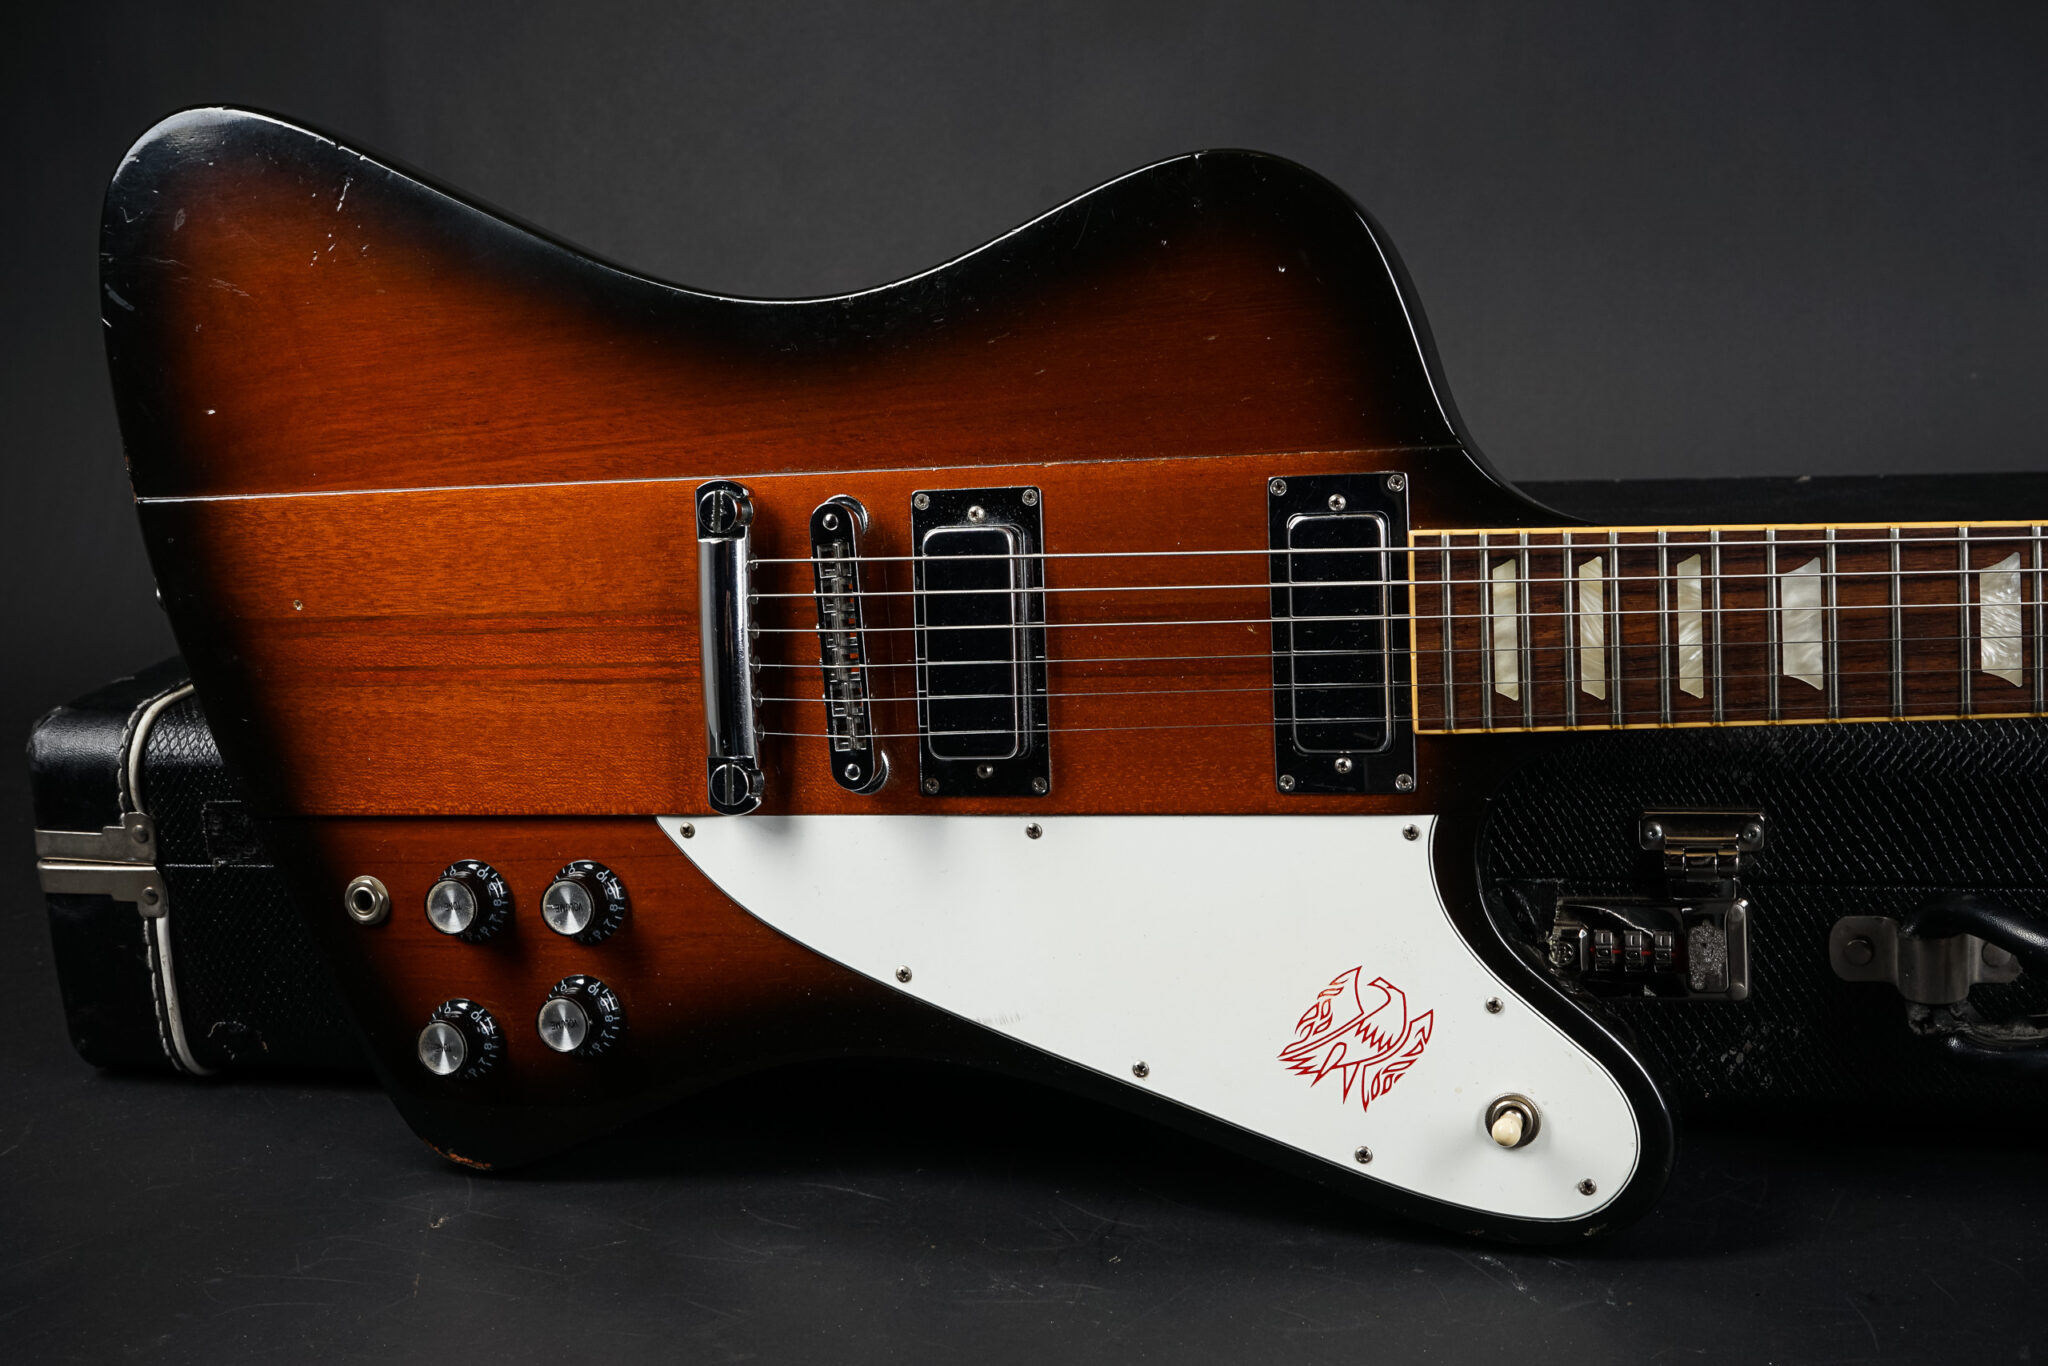 https://guitarpoint.de/app/uploads/products/2007-gibson-firebird-sunburst/2007-Gibson-Firebird-Sunburst-001770316-9-2048x1366.jpg